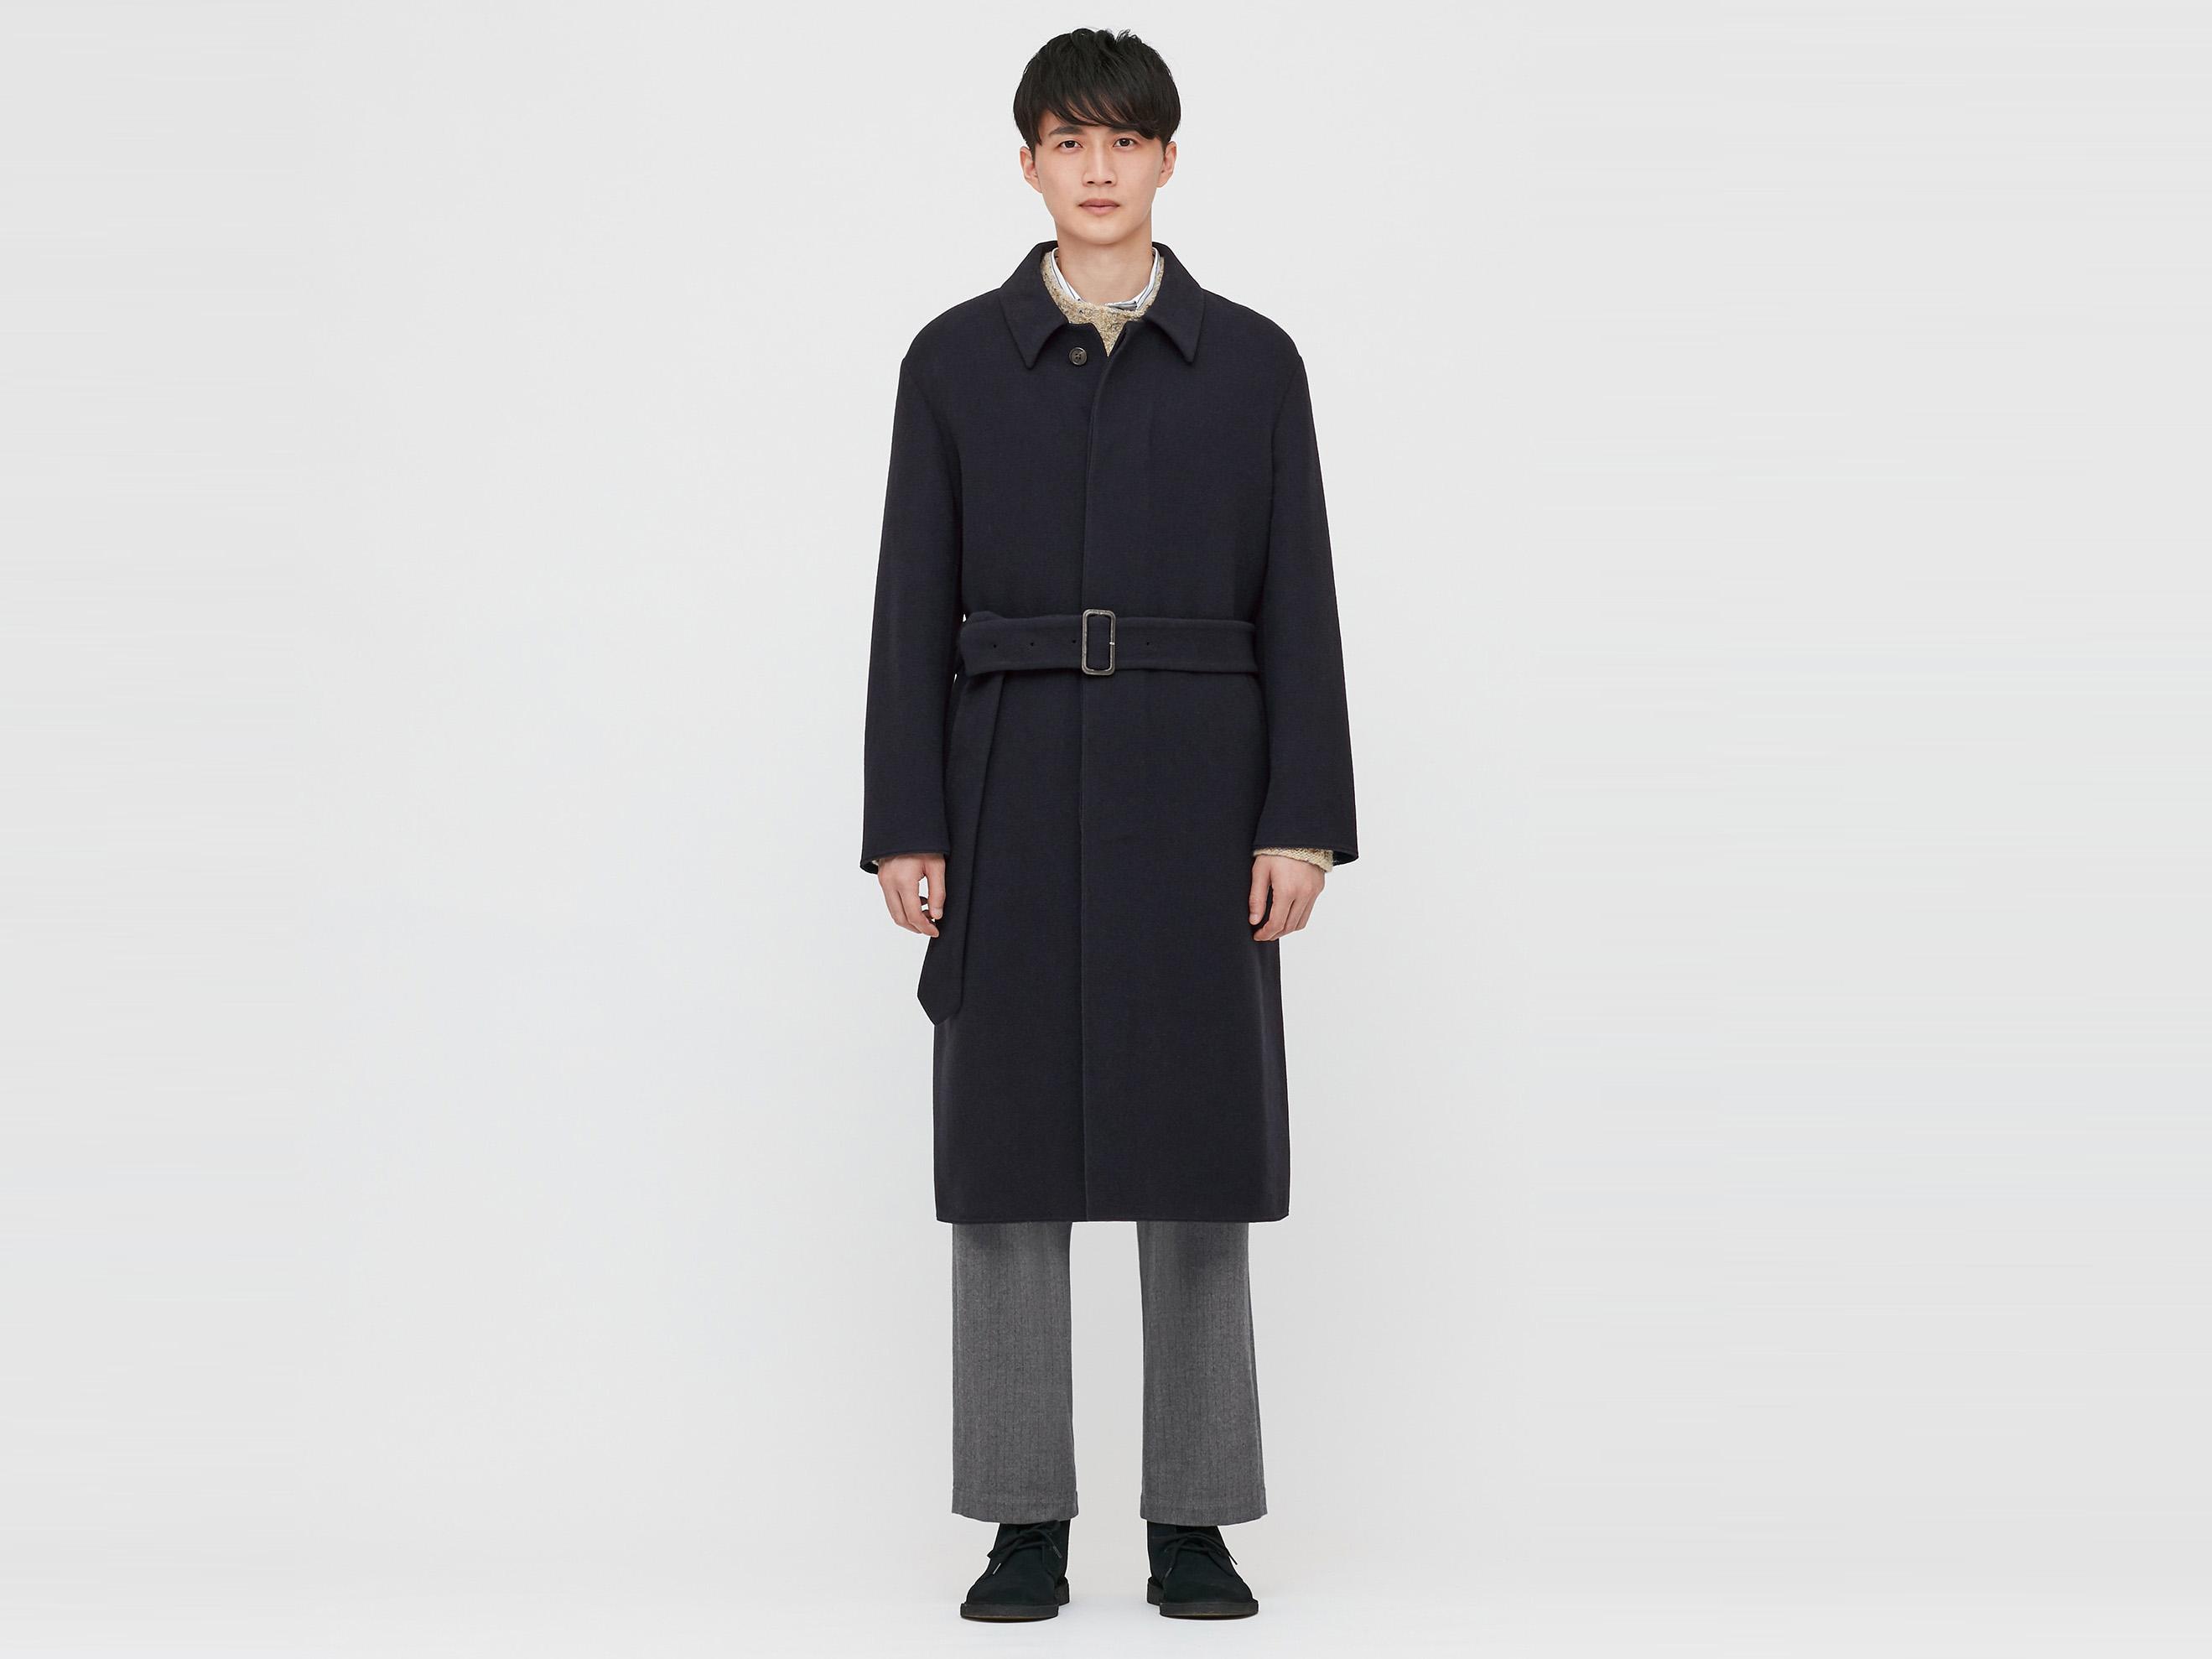 Best Men's Winter Jackets - Uniqlo JW Anderson